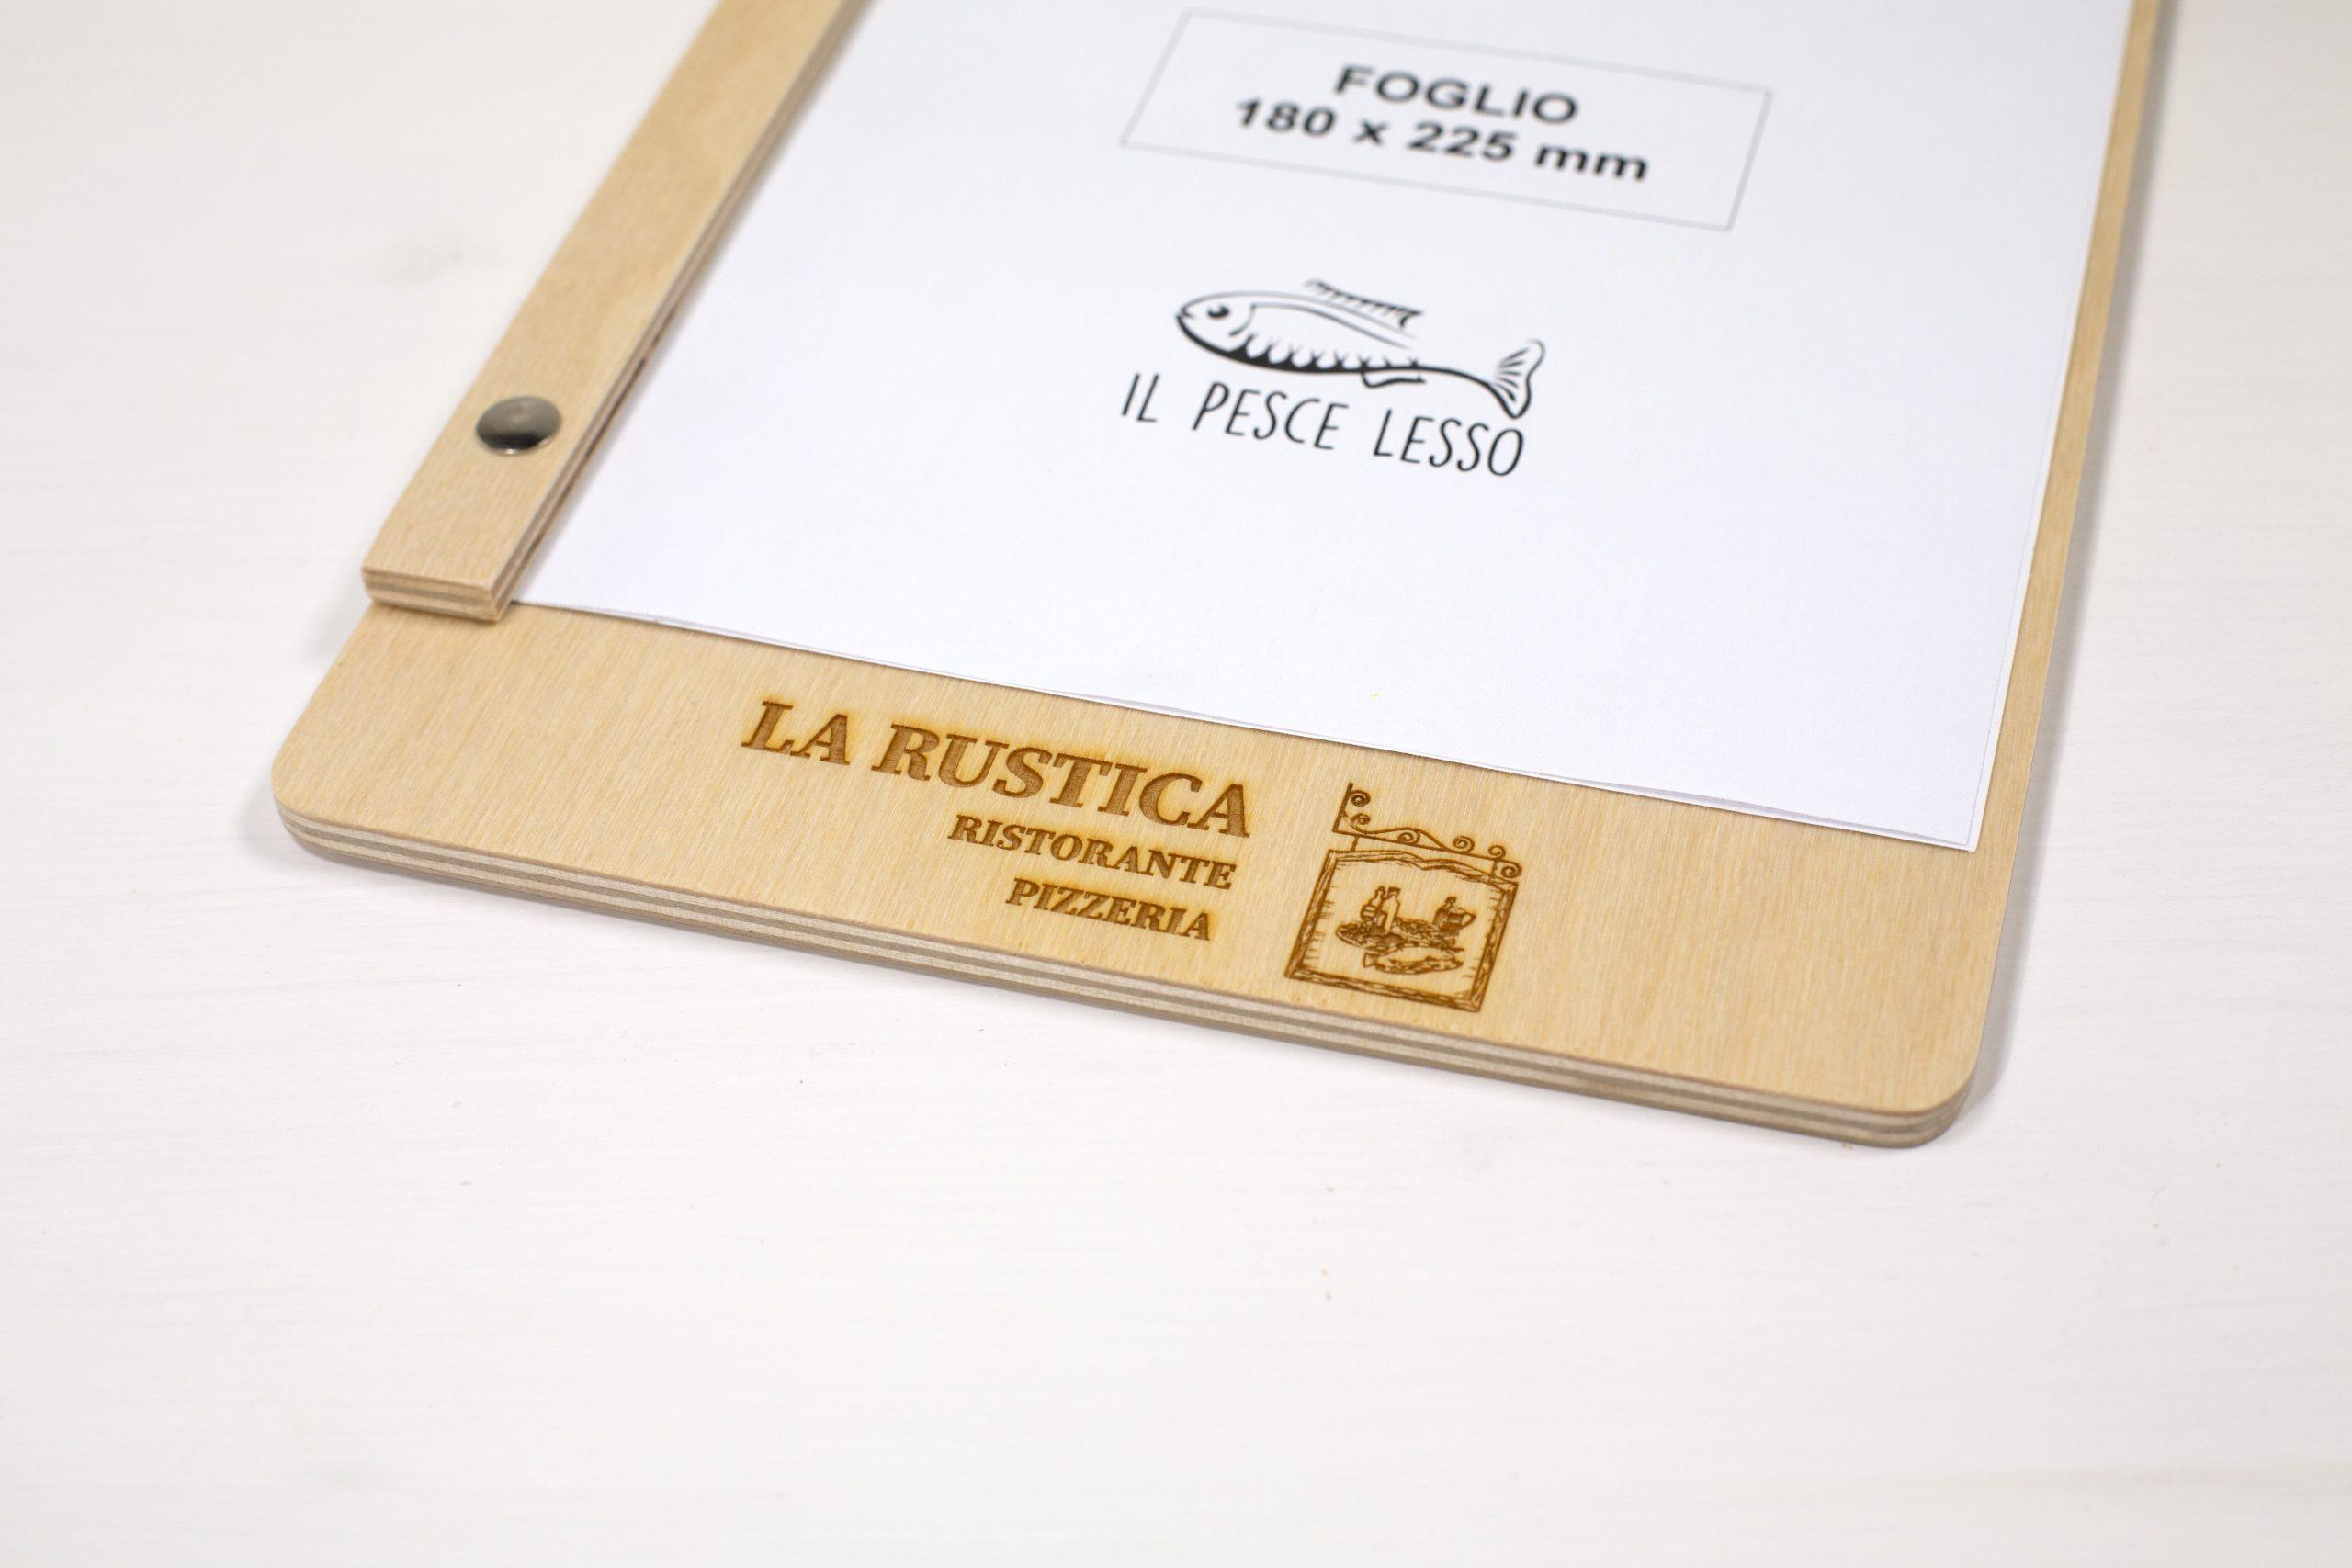 Portamenu Acquasanta - Ristorante Pizzeria La Rustica